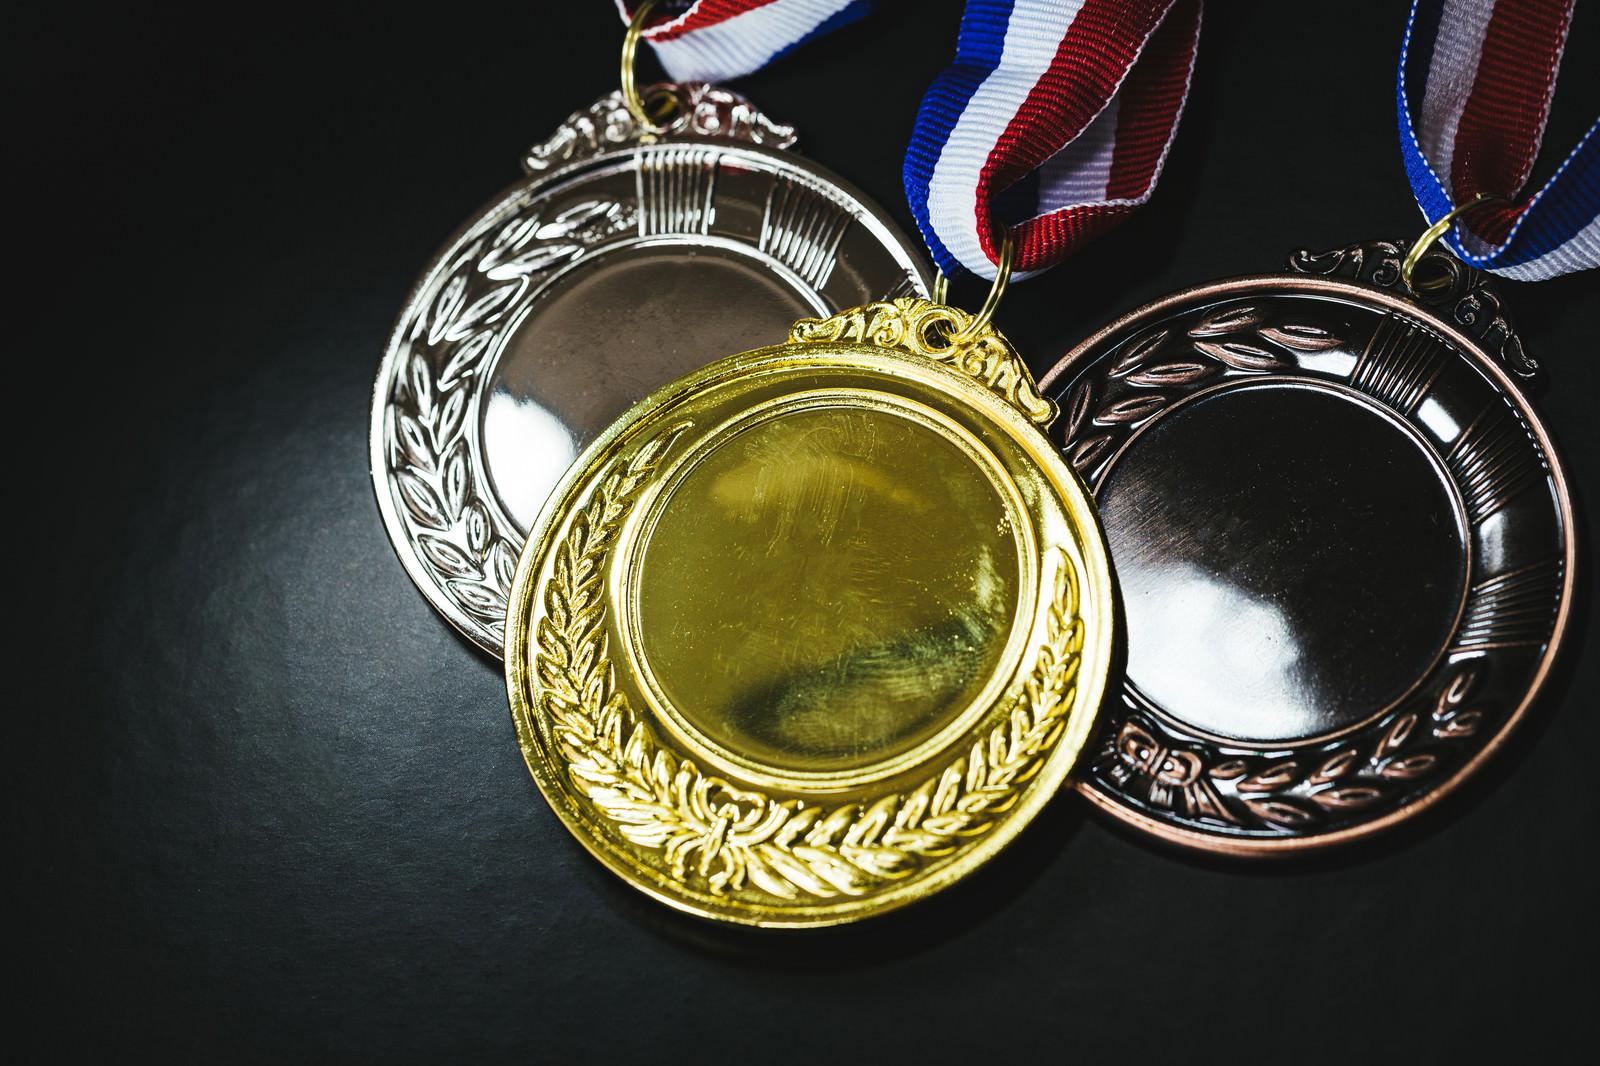 「金銀銅メダル」の写真